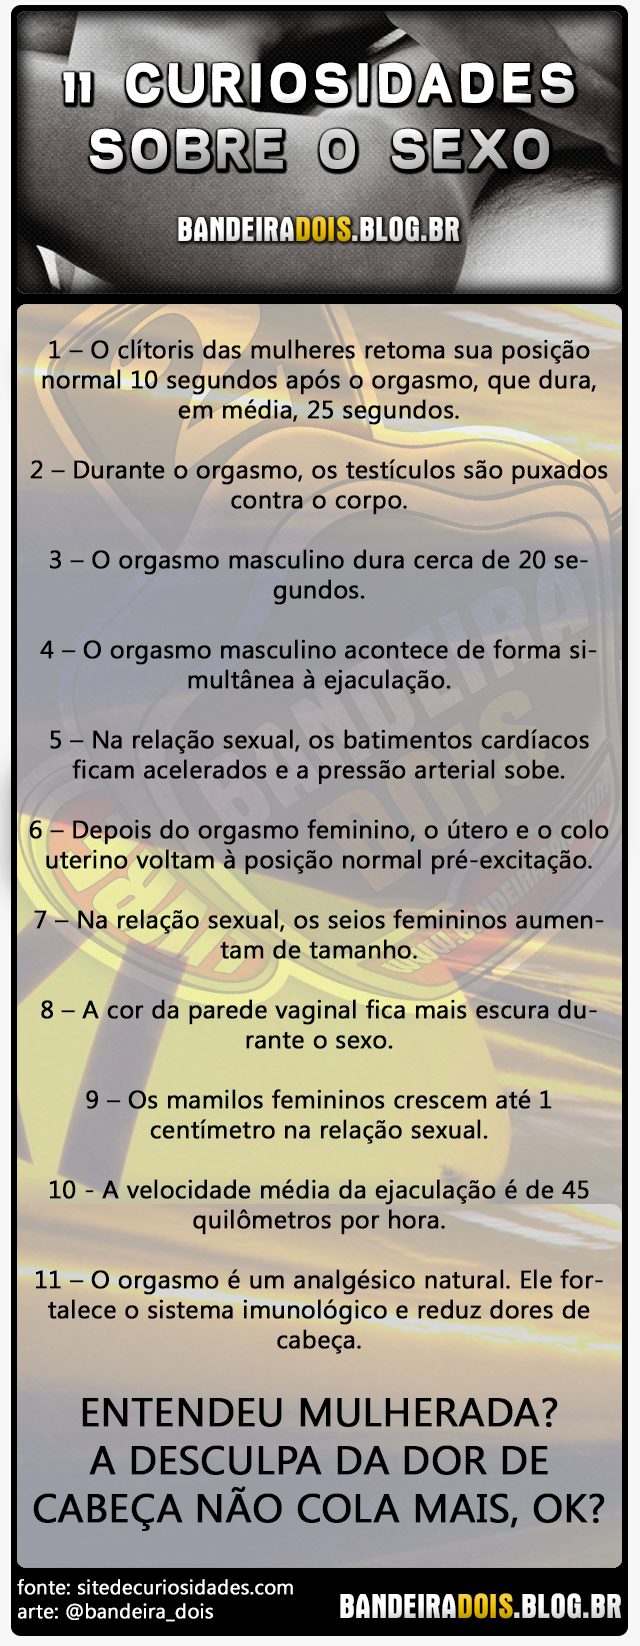 11 curiosidades sobre o sexo